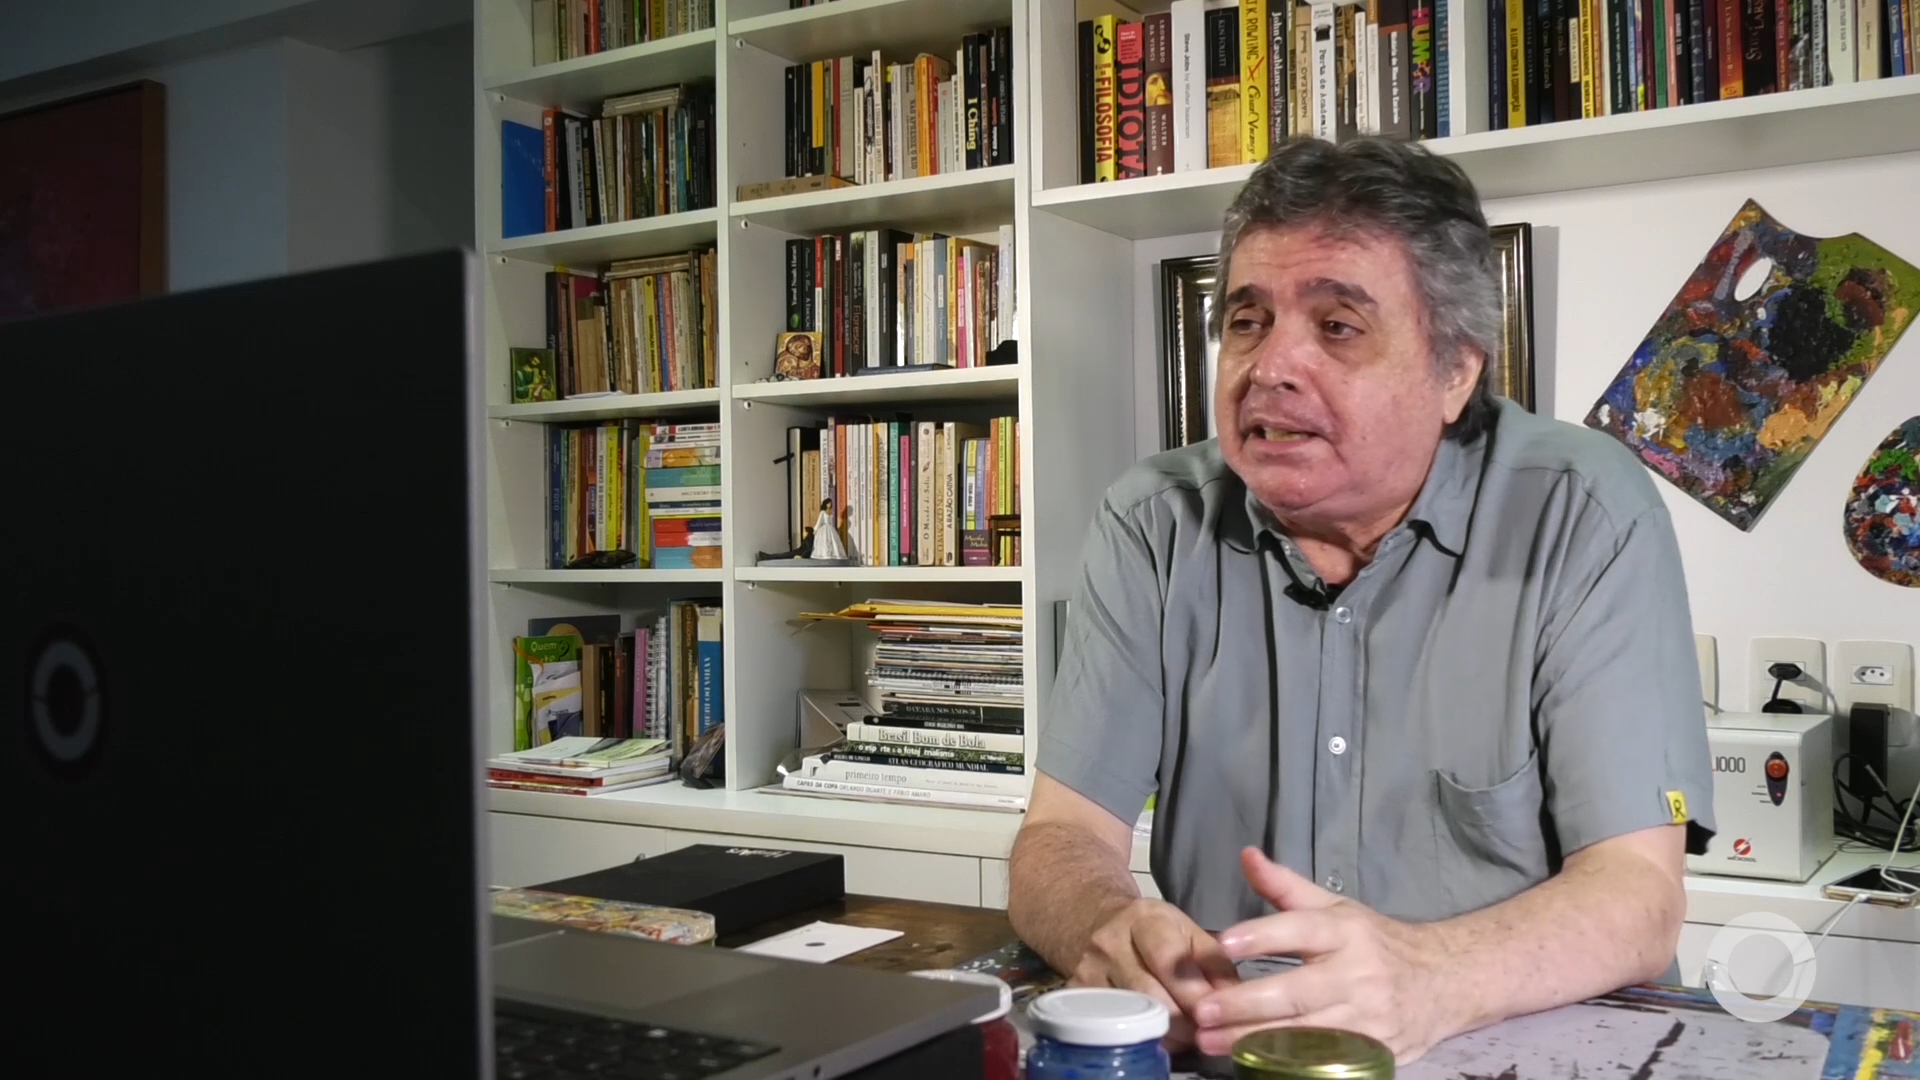 Mosaico entrevista Tarcísio Matos, Jornalista, Escritor e Compositor